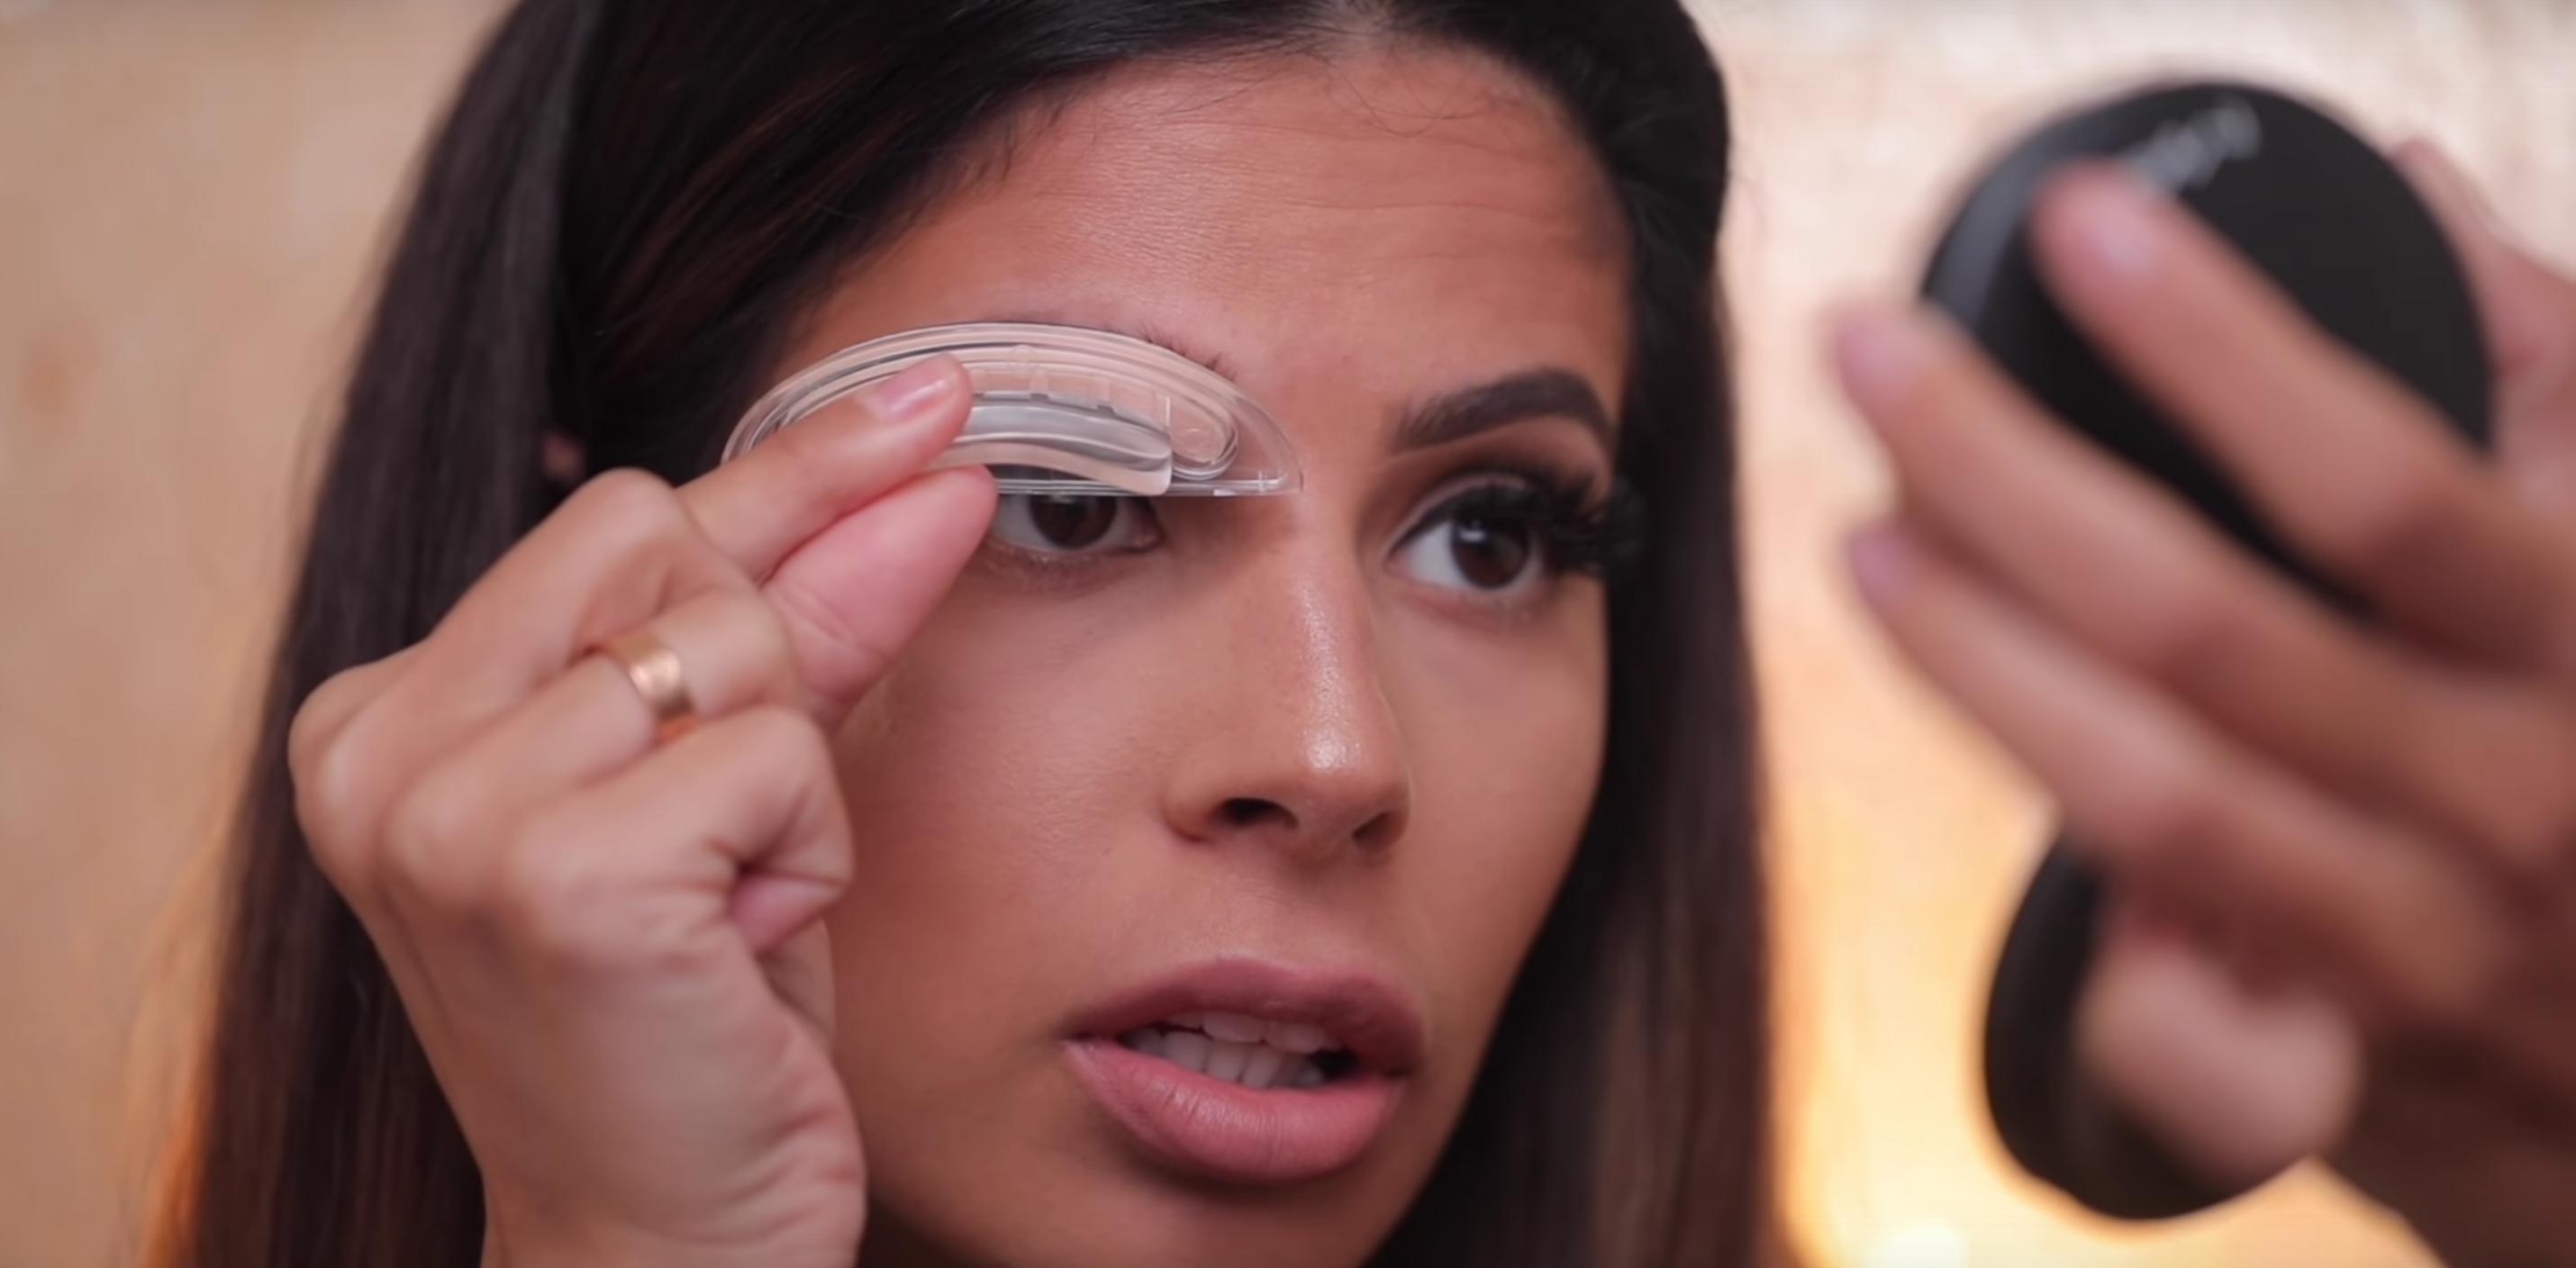 #browstamp, la nueva forma de maquillar tus cejas con un sello